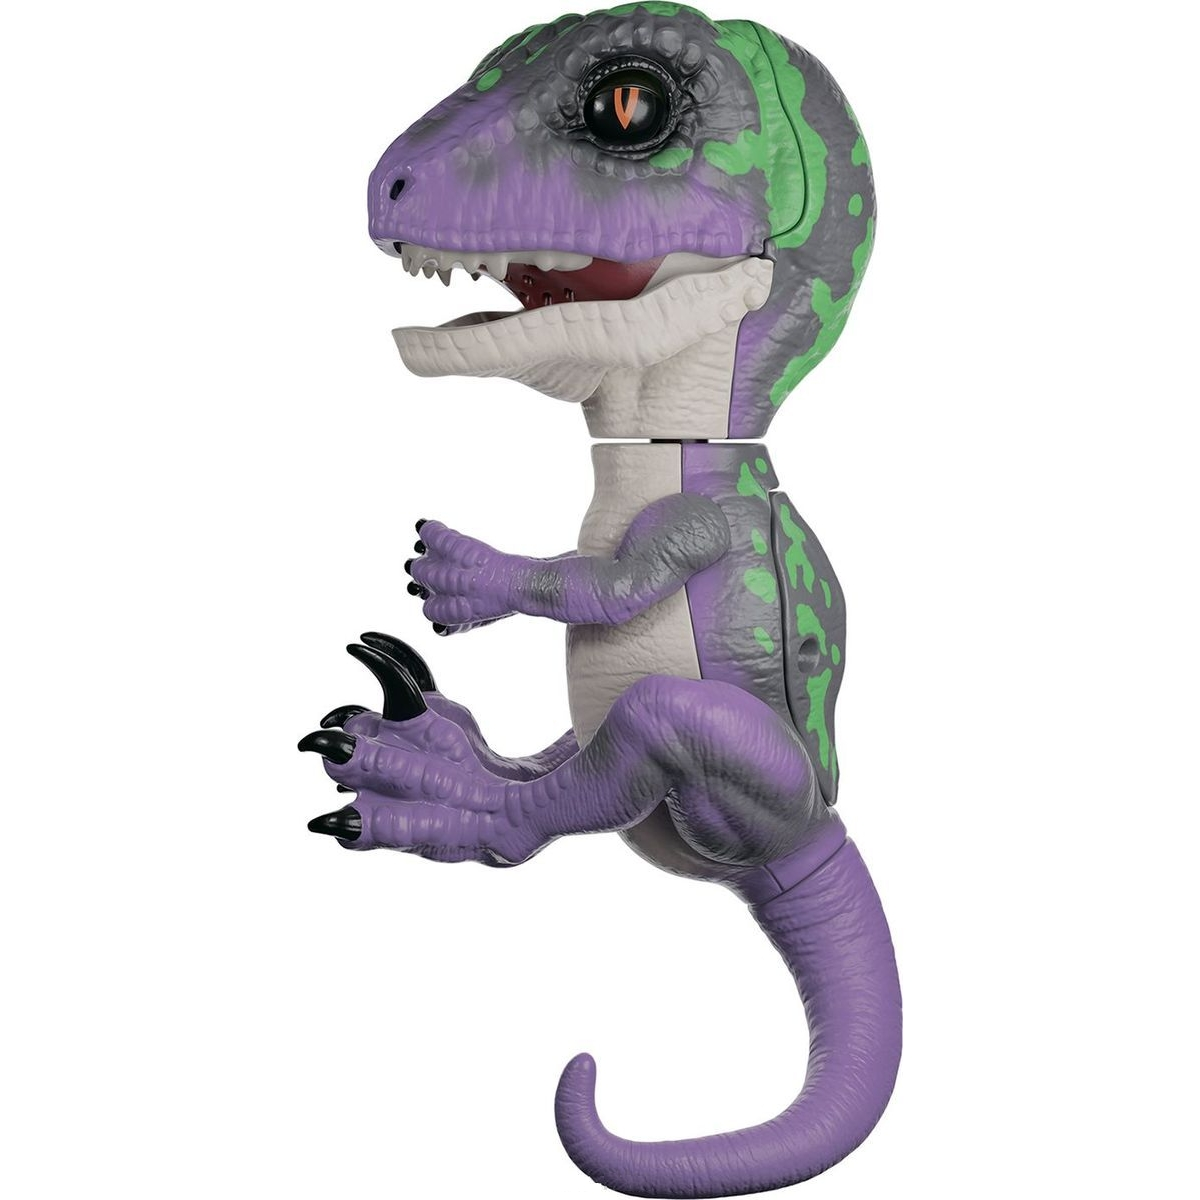 Купить Интерактивный динозавр Рейзор, фиолетовый с темно-зеленым, 12 см, WowWee